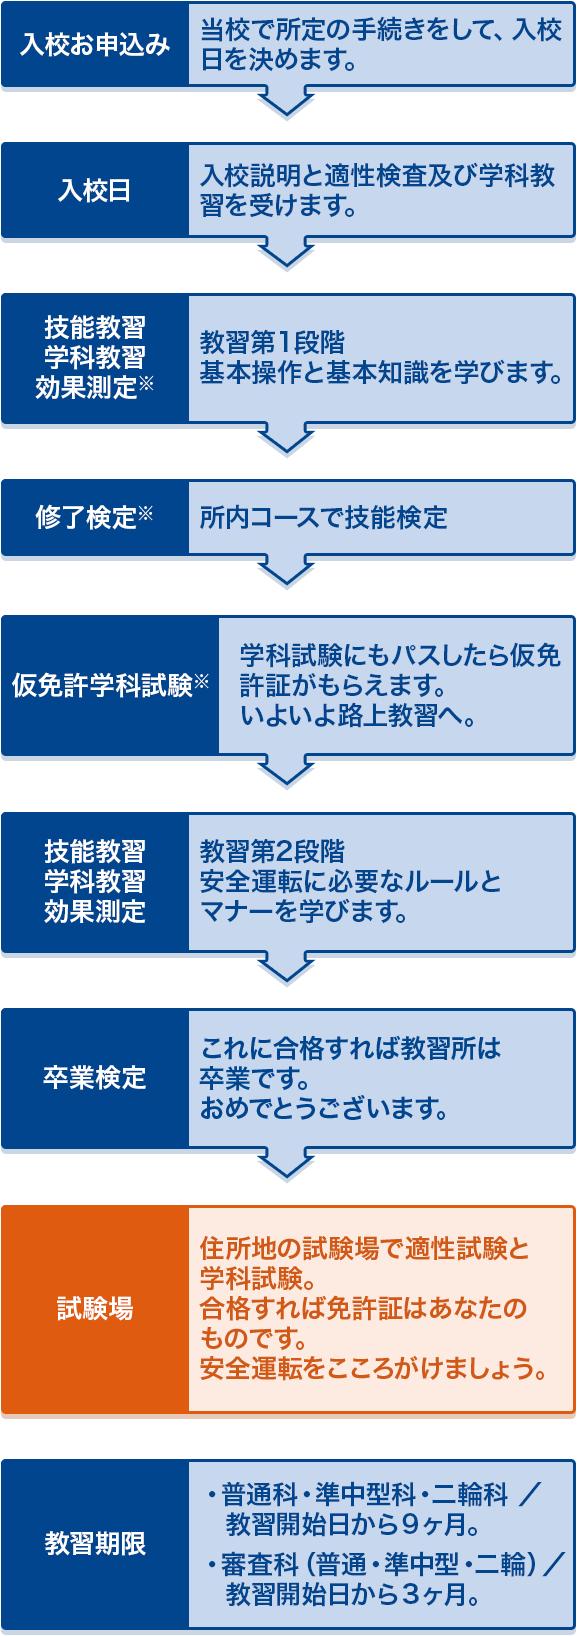 関目自動車学校 卒業検定